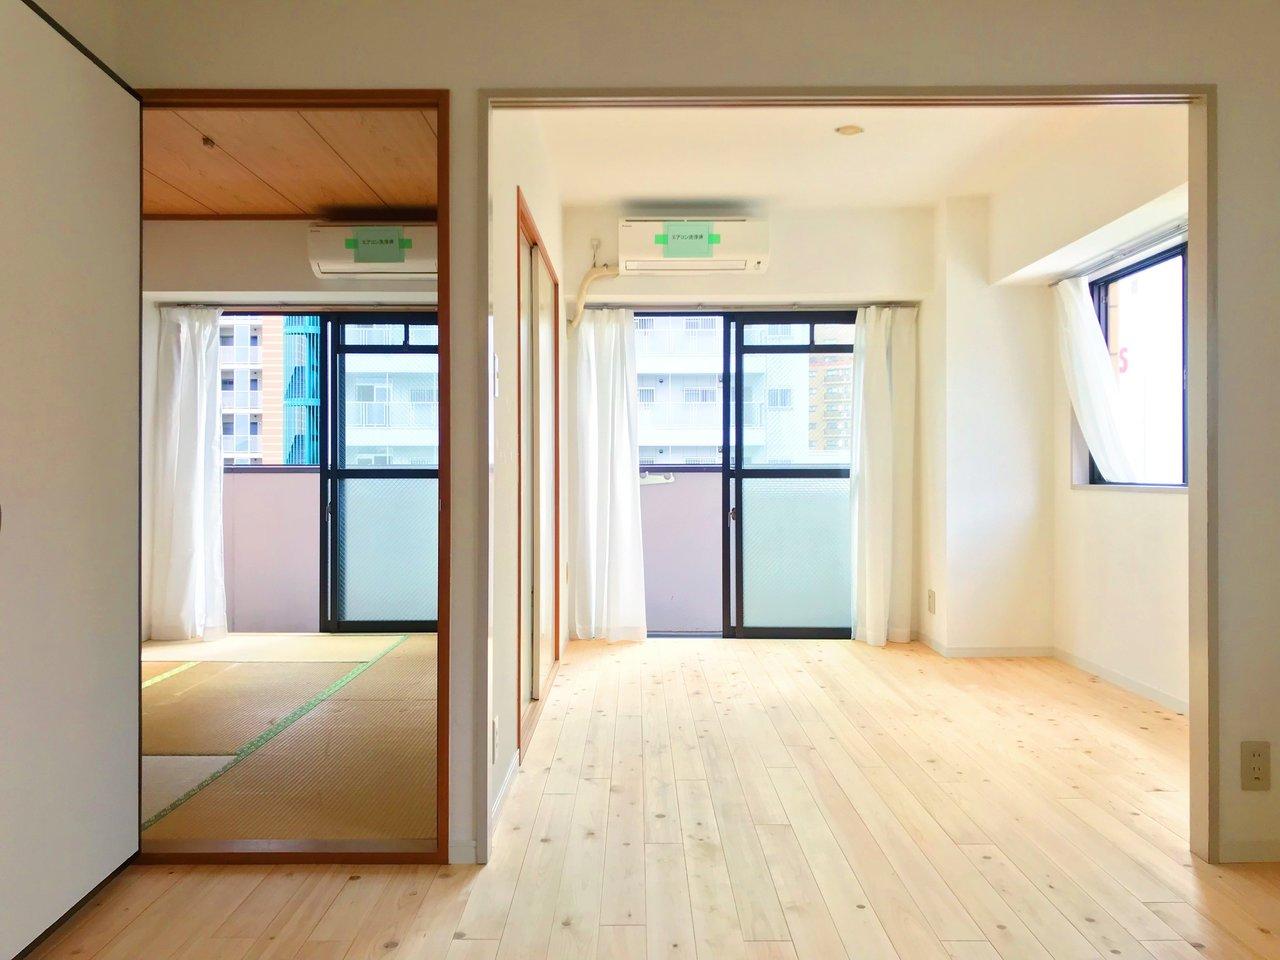 続いてはヒノキの香りが写真越しに伝わってきそうな、温かみのある2LDKのお部屋。リビングは広めの14畳。